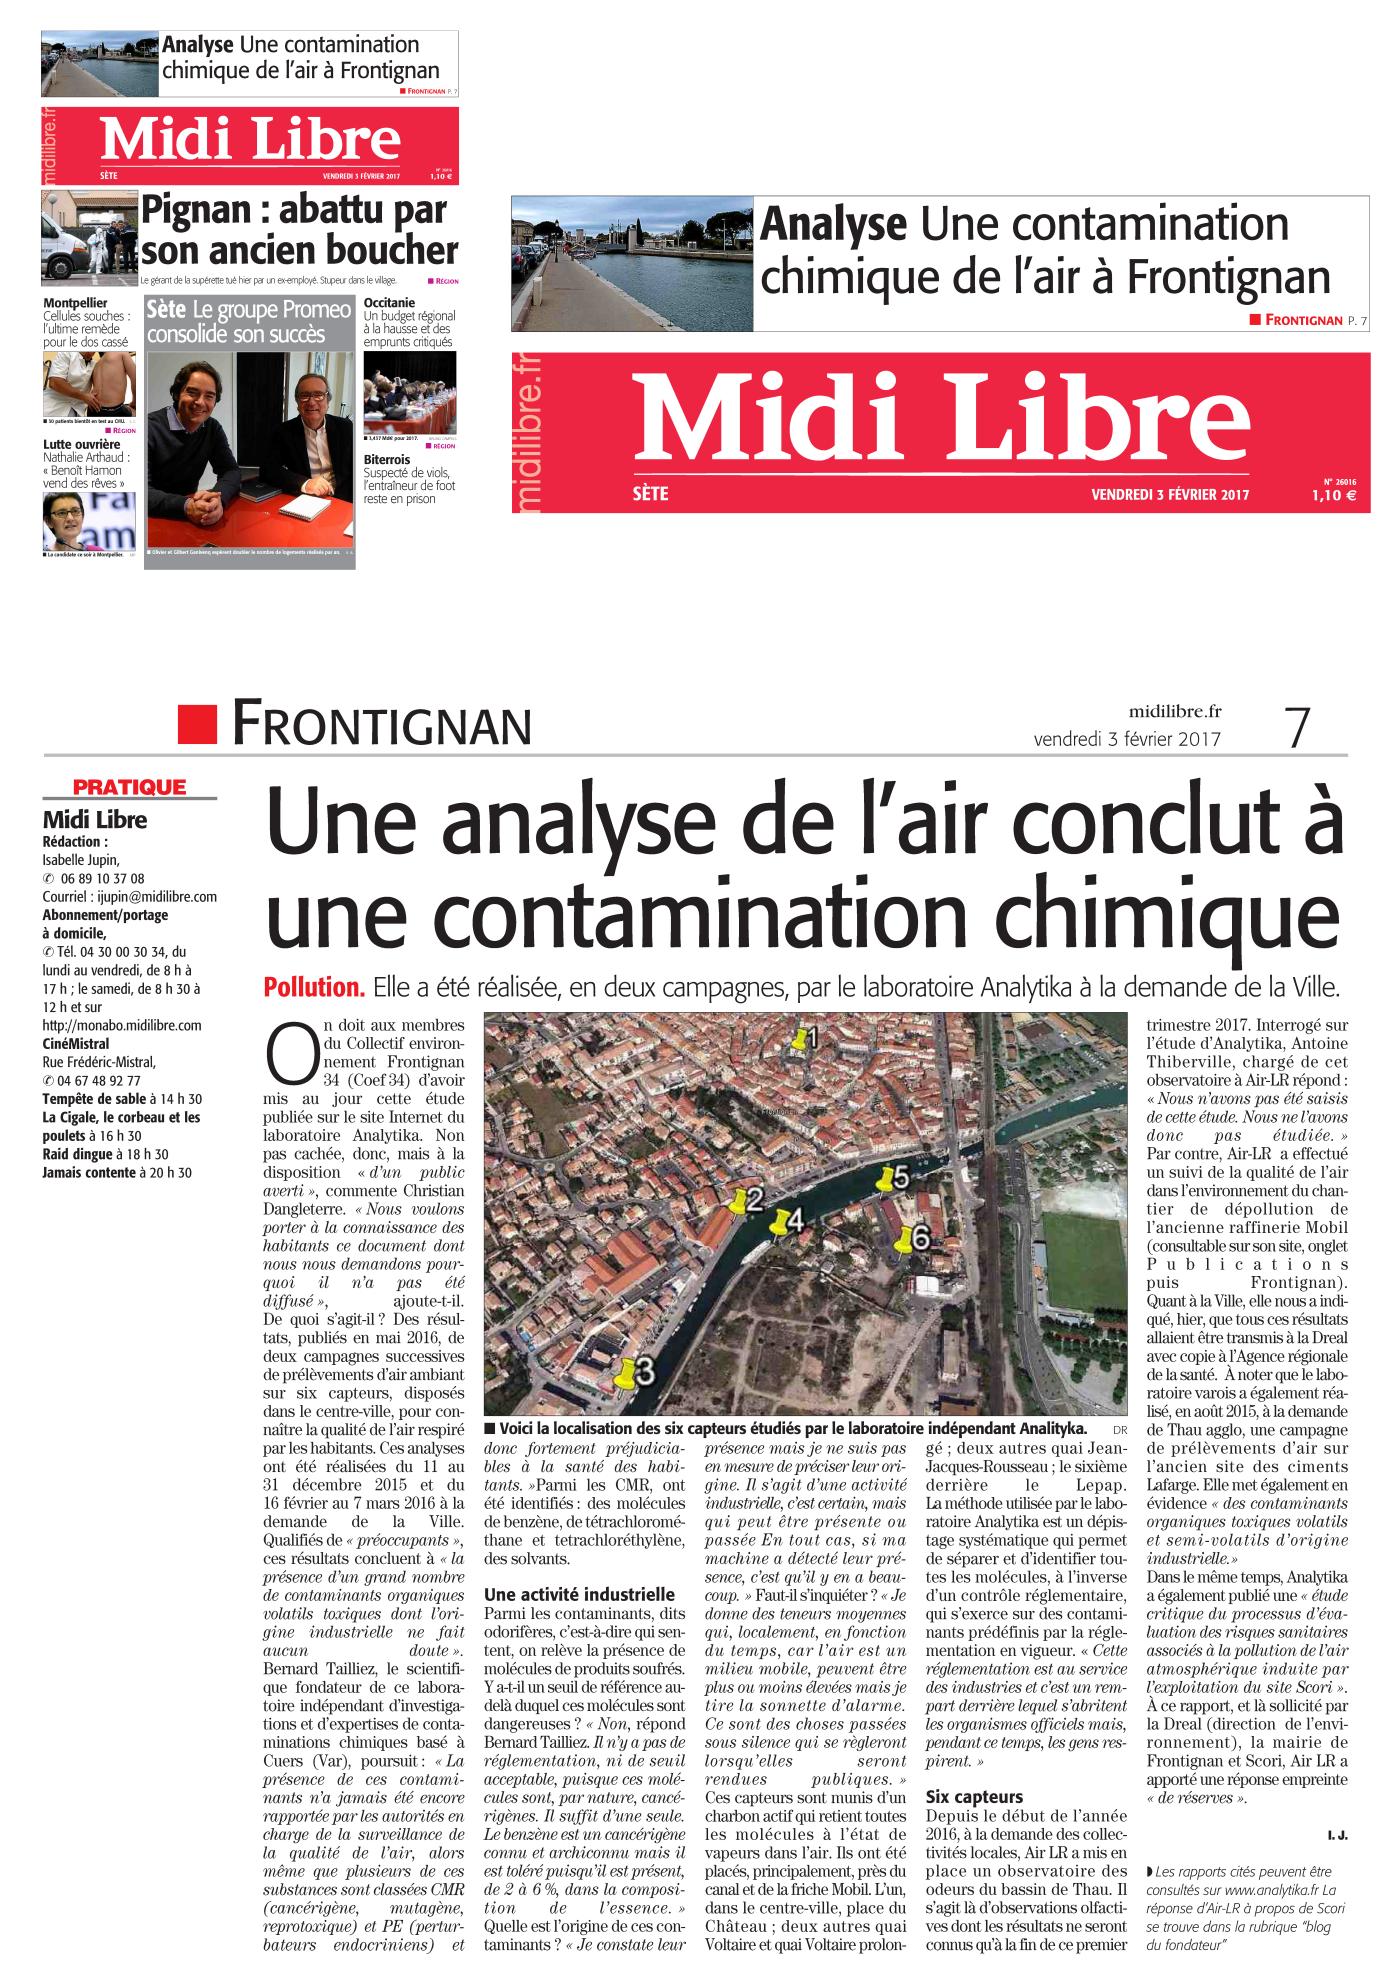 """03.02.2017 > MIDI-LIBRE : """"Hérault : pollution toxique dans l'air de Frontignan"""""""